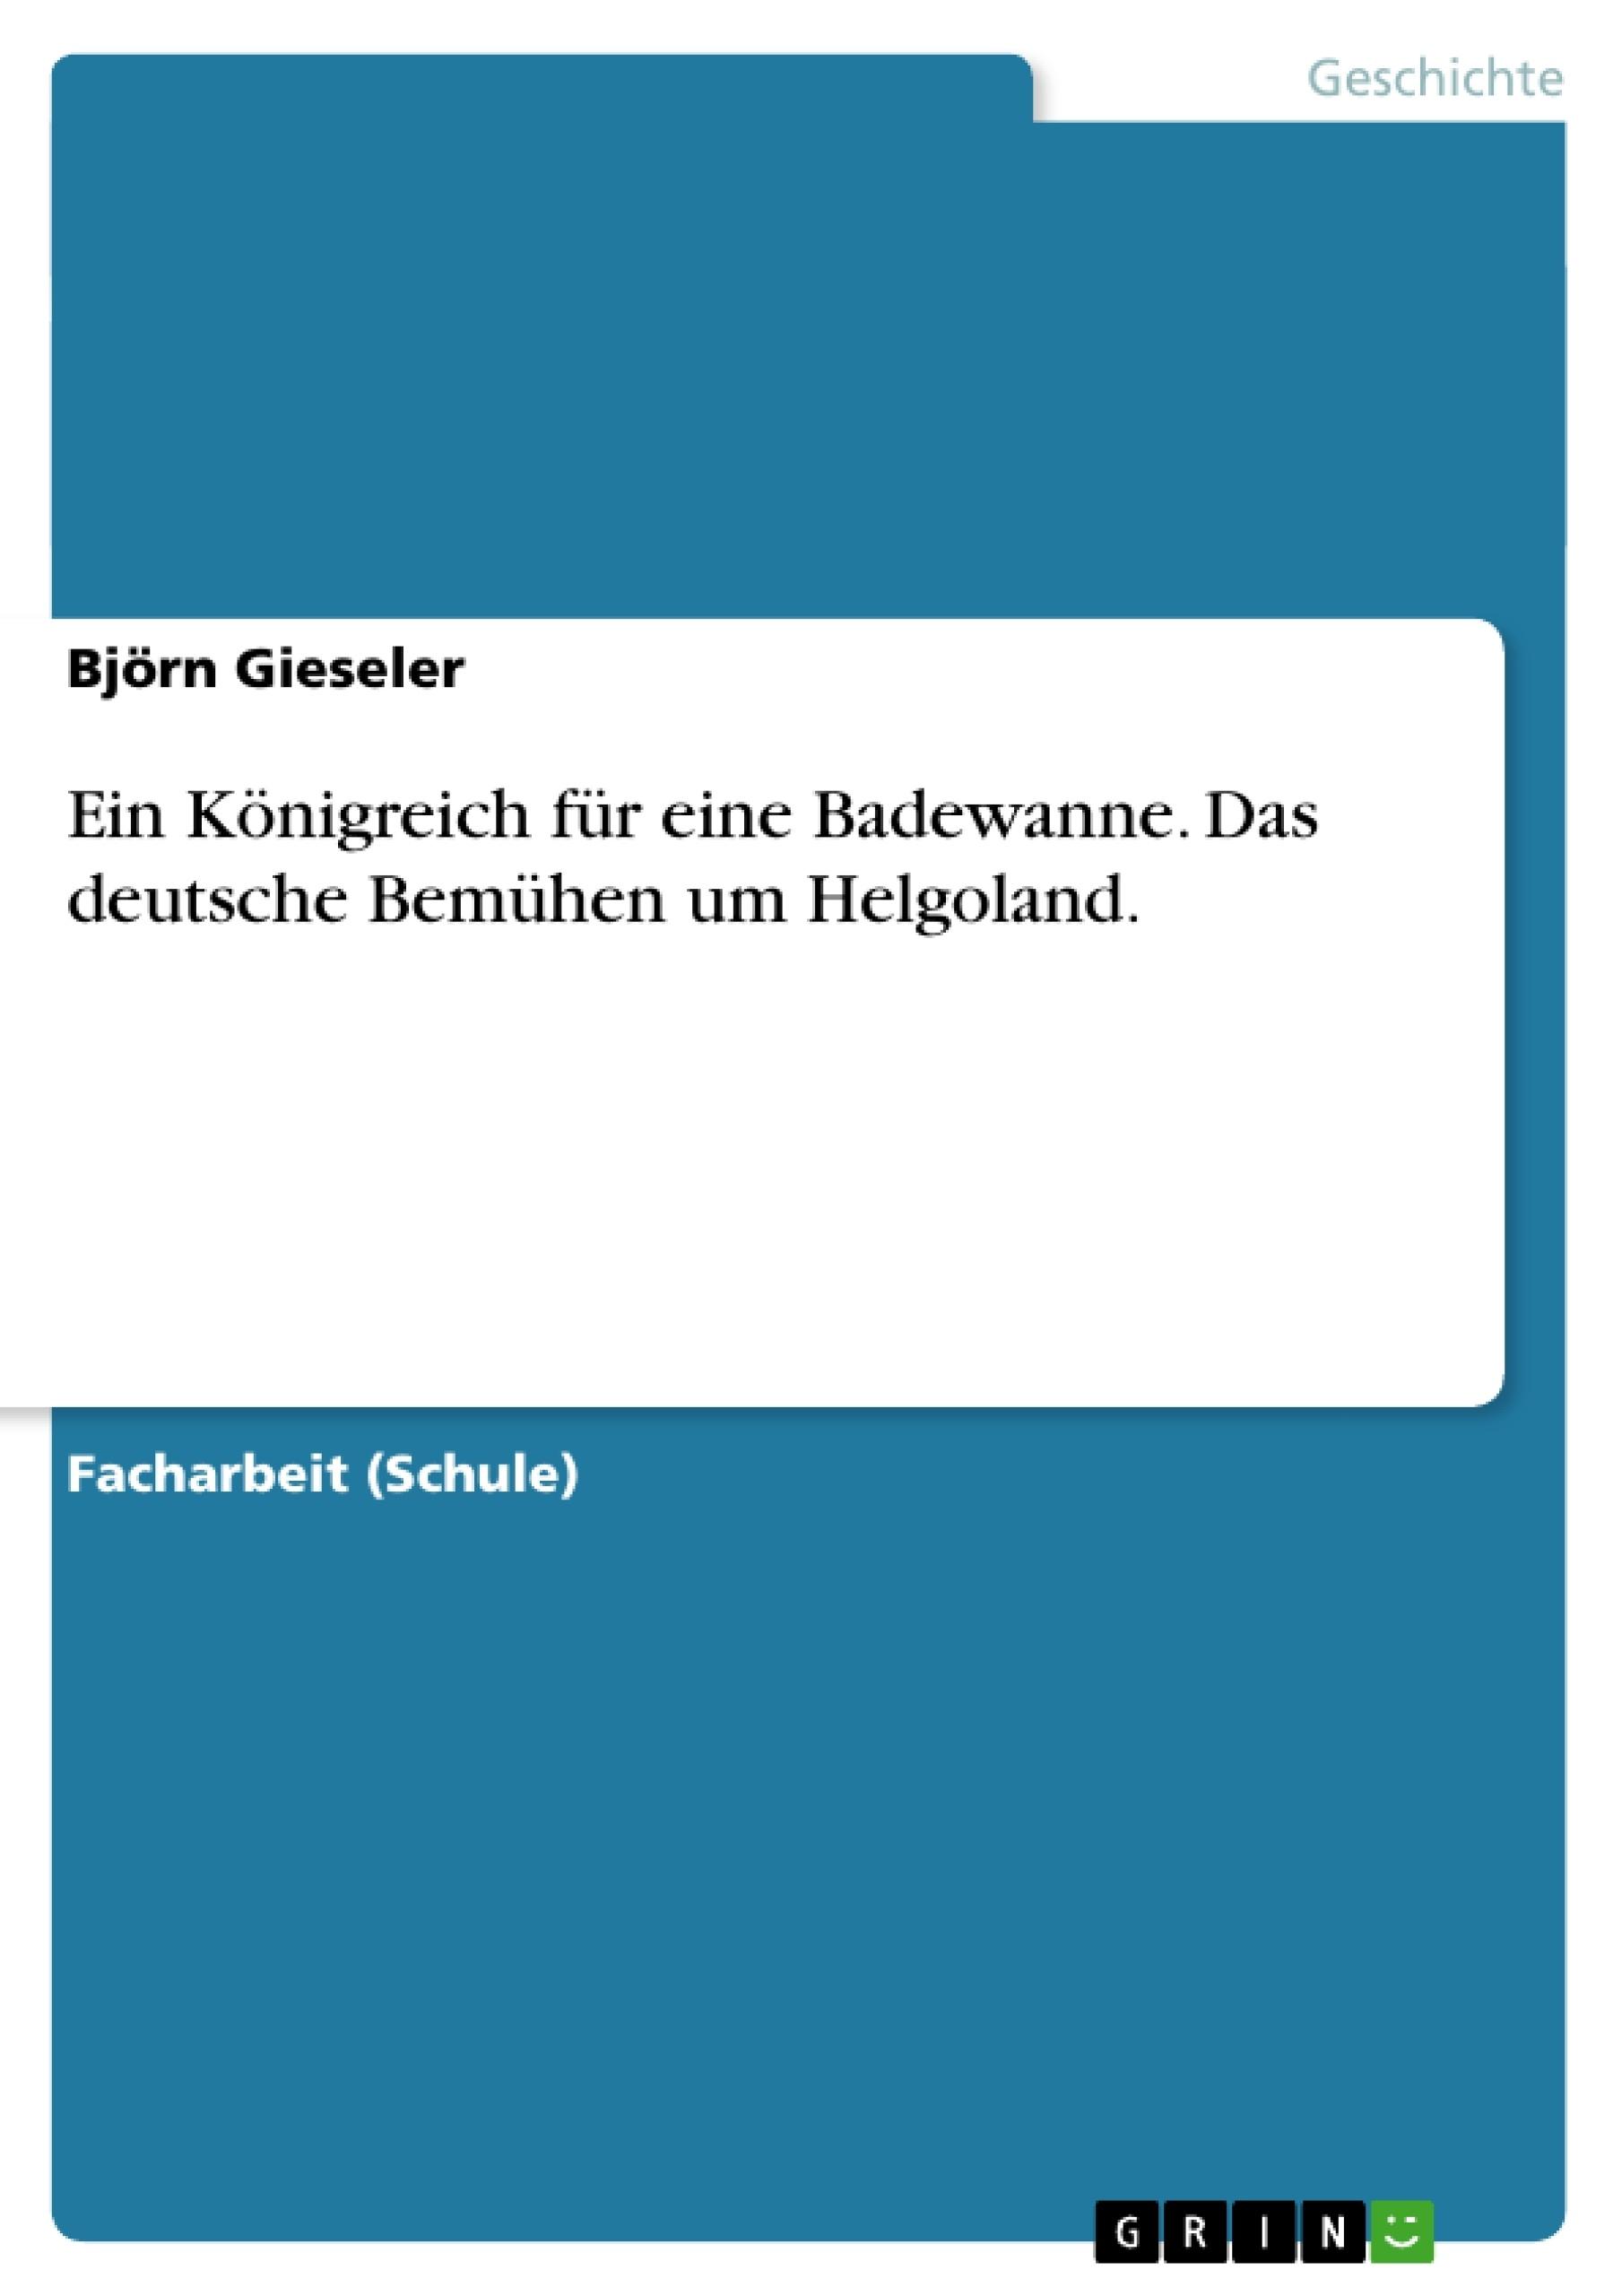 Titel: Ein Königreich für eine Badewanne. Das deutsche Bemühen um Helgoland.